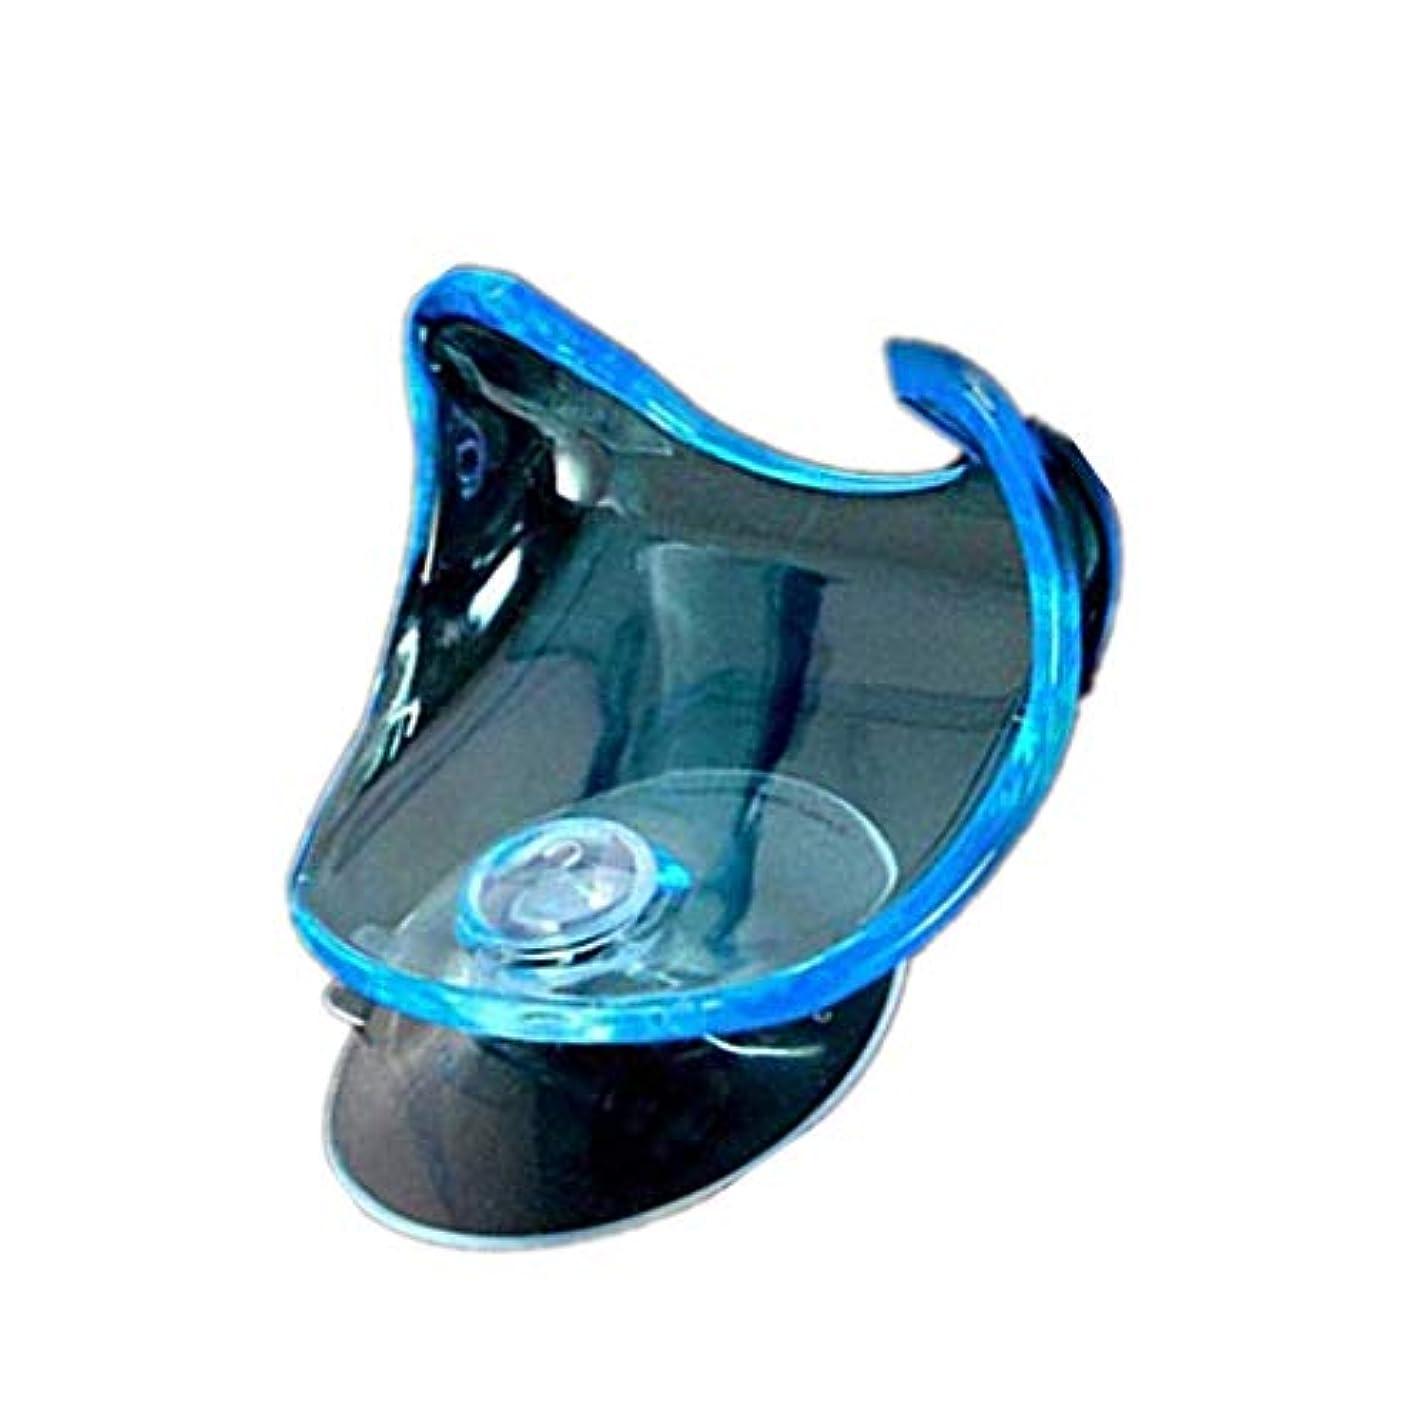 滑る舌な虫ハンギングラッククリアストレージシェルフの浴室の吸盤サクションカップカミソリホルダー